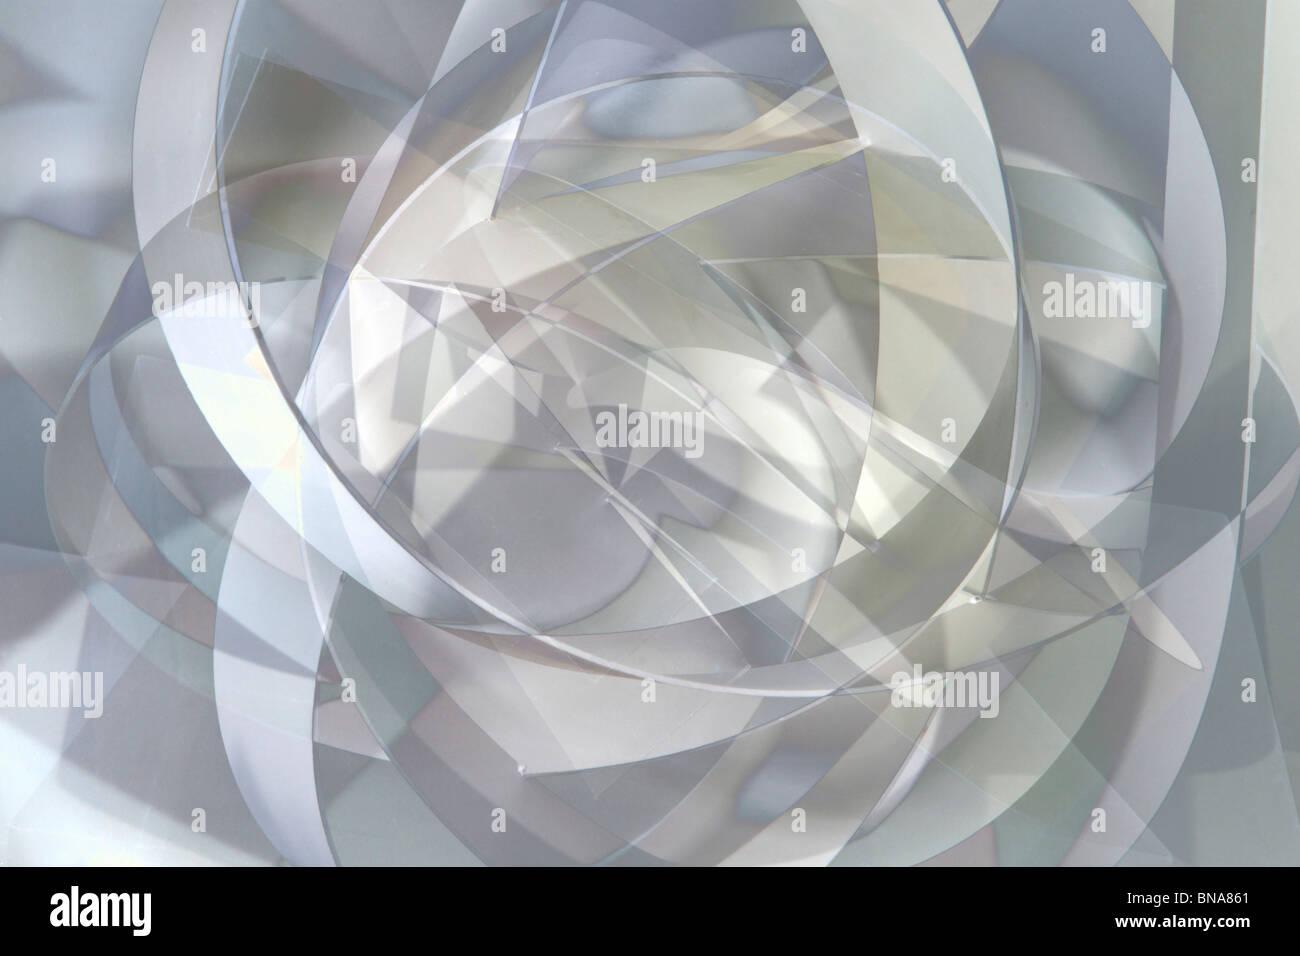 Desarrollo de curvas abstractas en blanco y negro Imagen De Stock